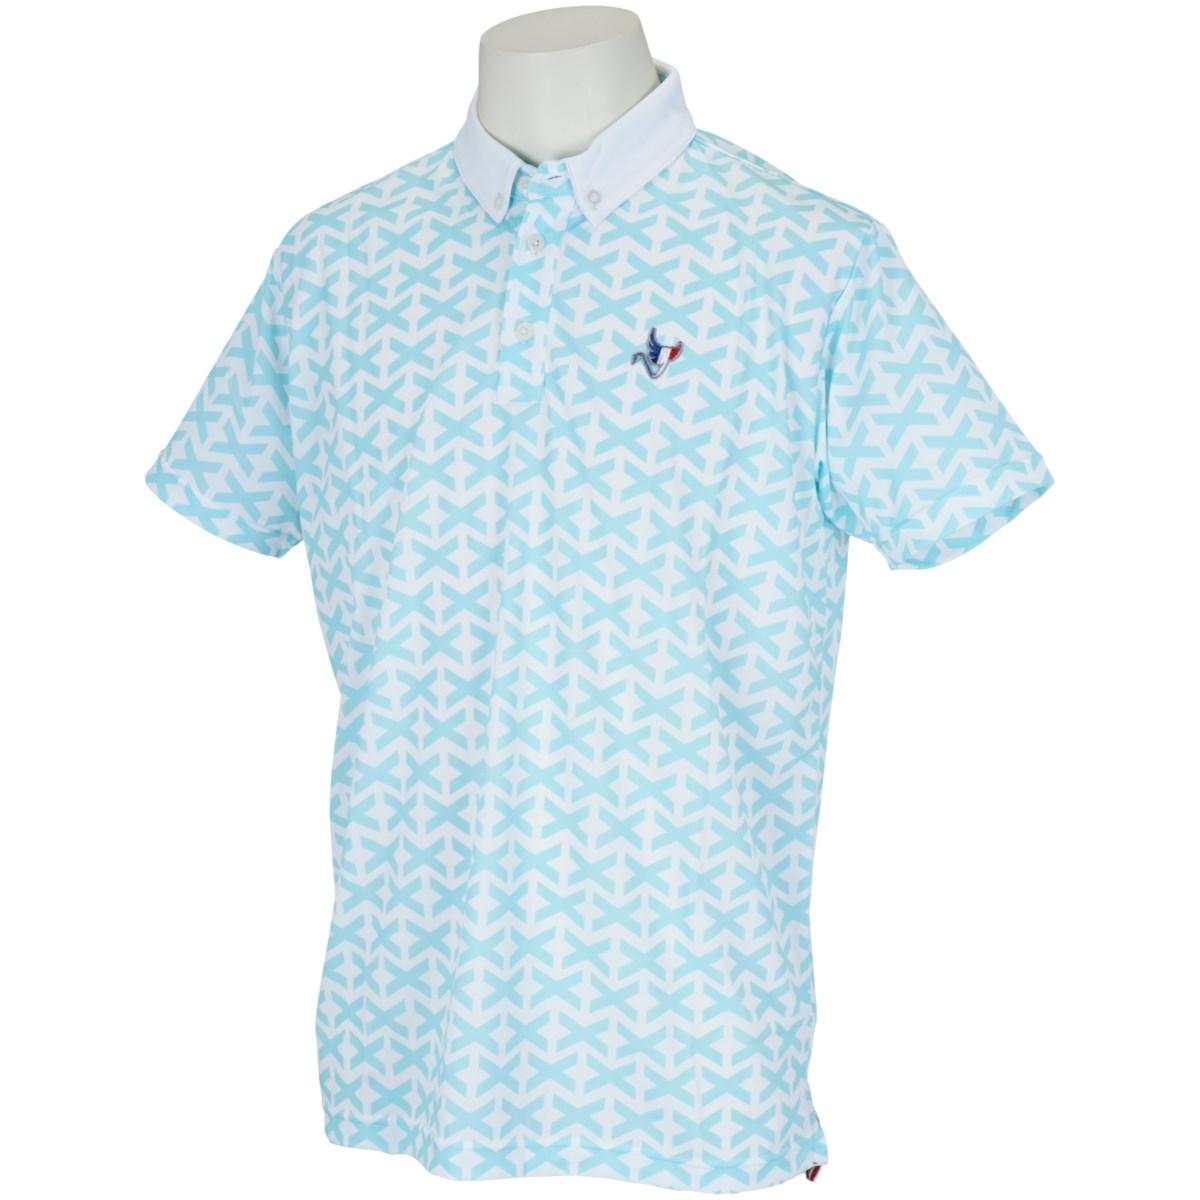 クランク(Clunk) クロスジャガード半袖ポロシャツ